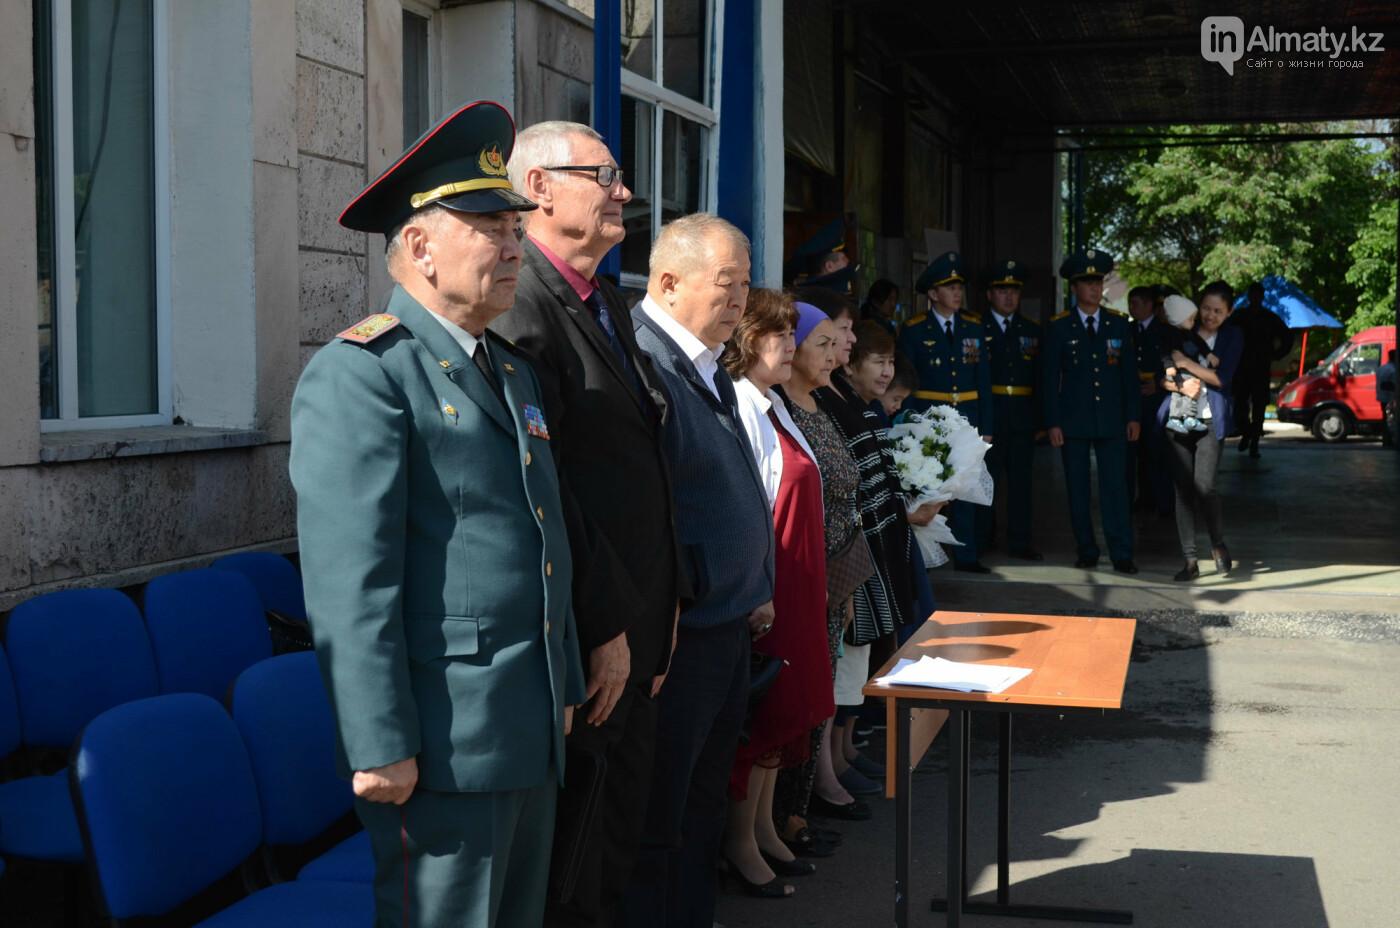 В Алматы почтили память пожарных героически погибших 30 лет назад , фото-1